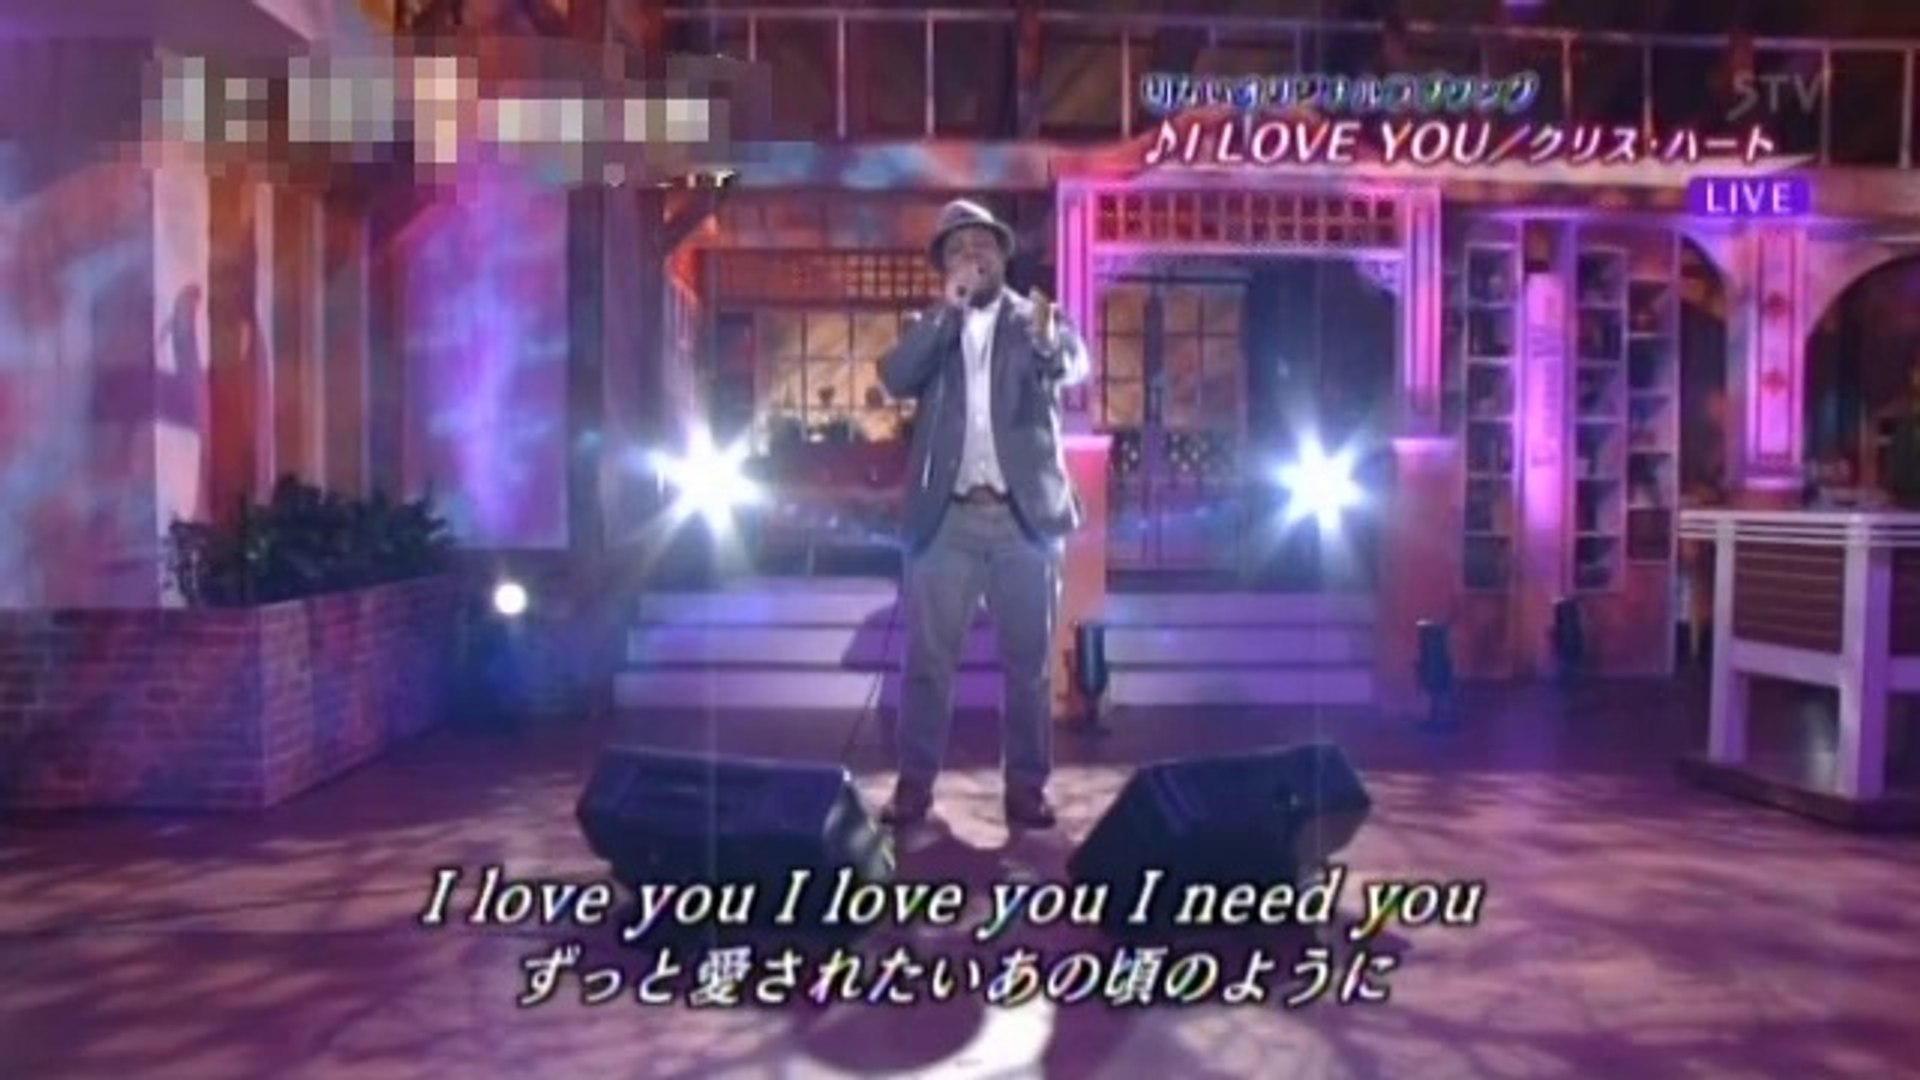 I love ハート you クリス